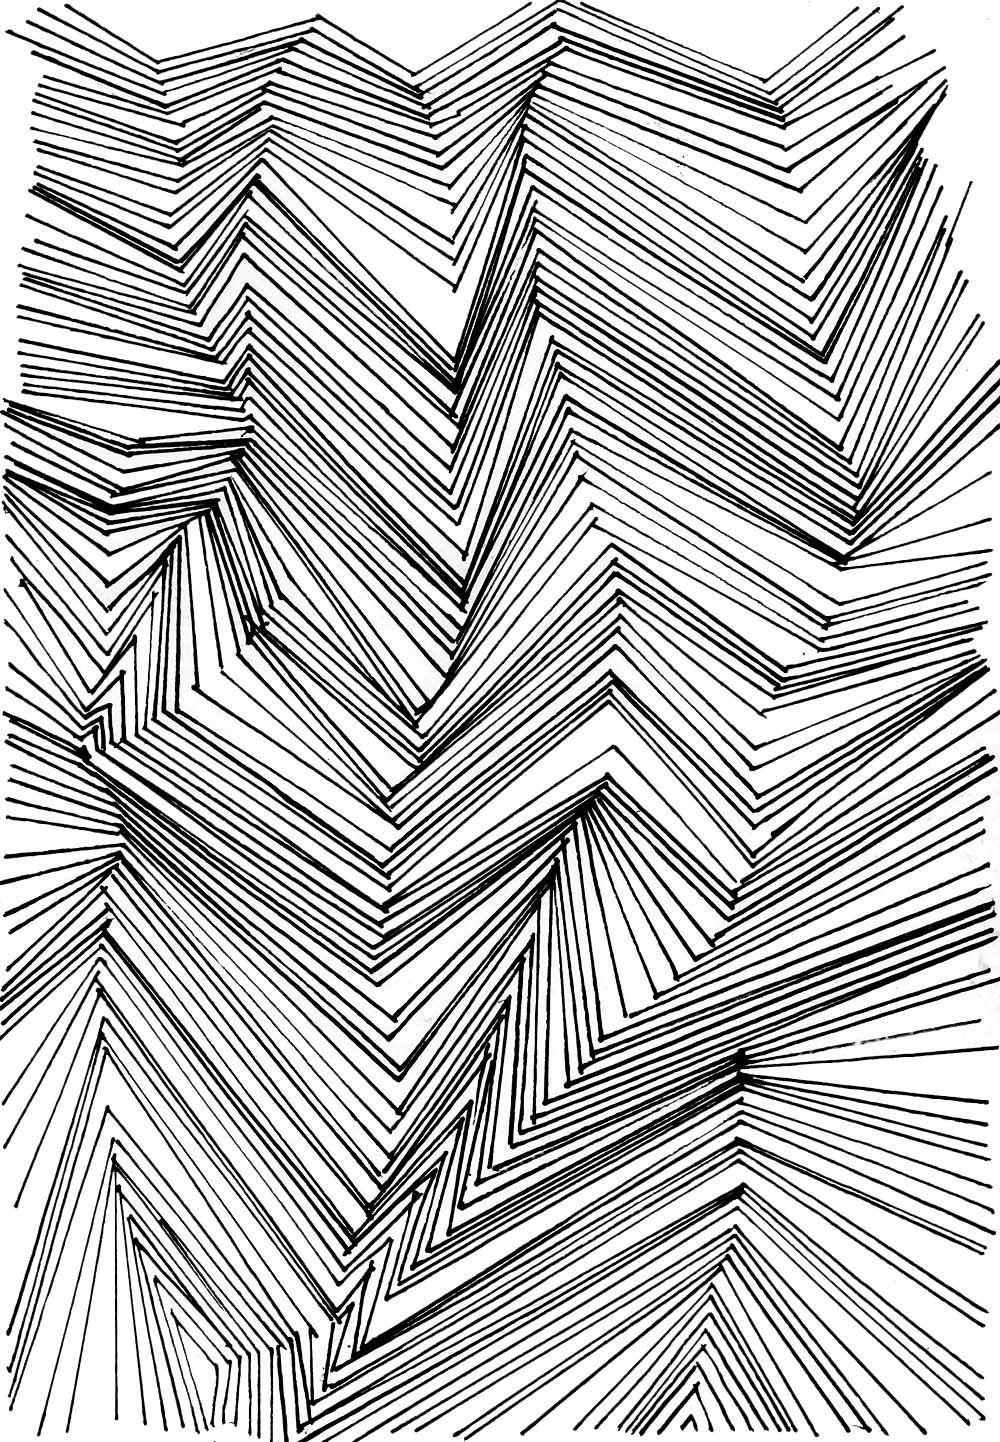 Muster zeichnen - meditativ oder einfach nur langweilig | Hermine ...